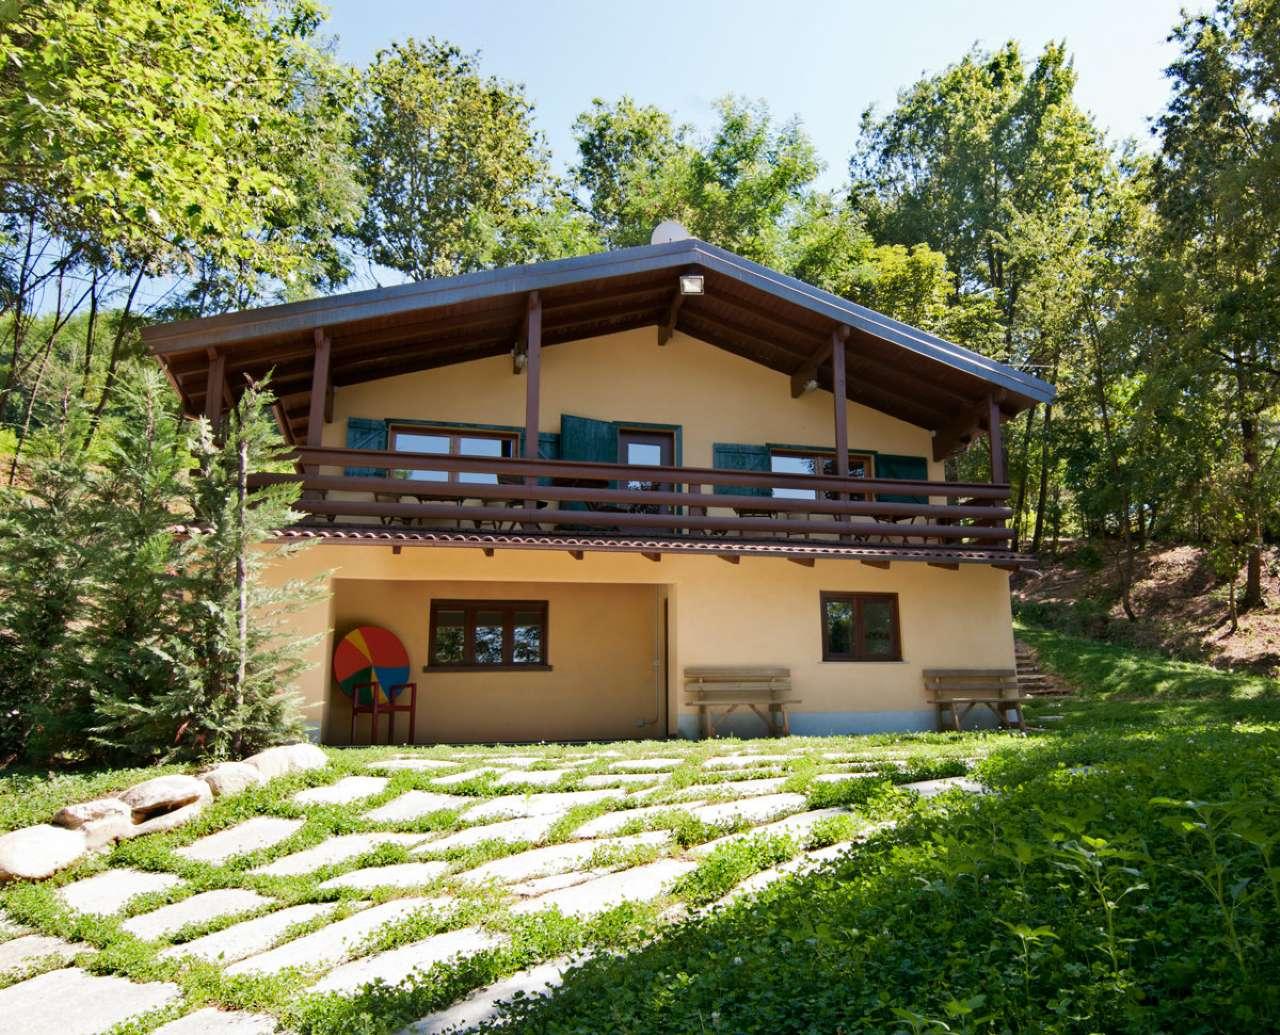 Soluzione Indipendente in vendita a Gavi, 4 locali, prezzo € 230.000 | PortaleAgenzieImmobiliari.it